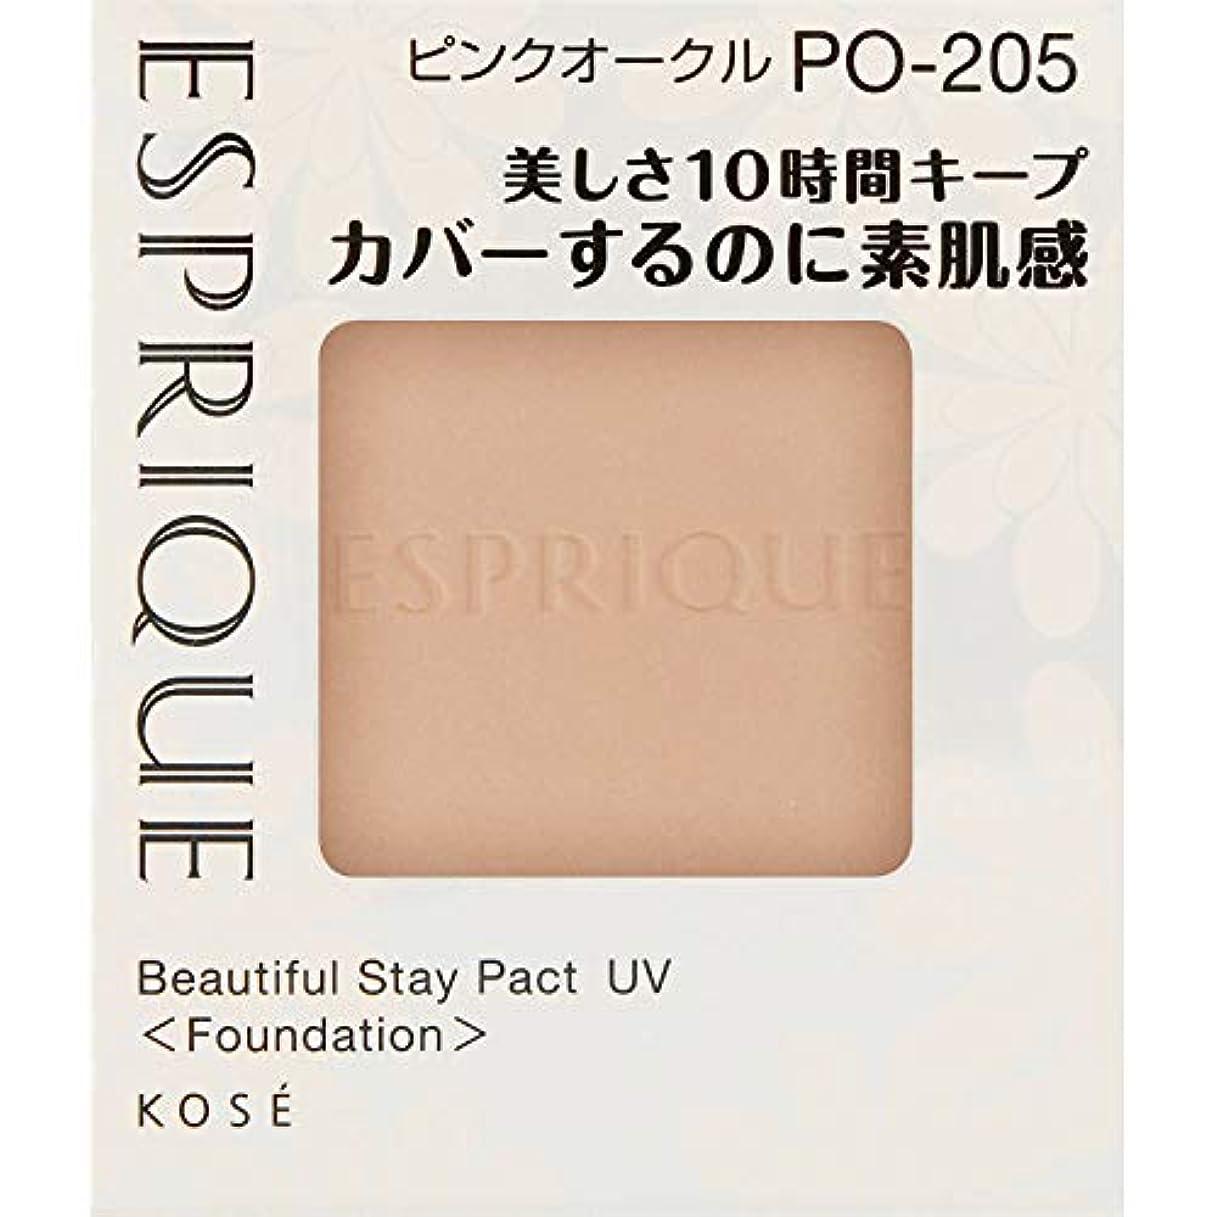 目的無限大かもめエスプリーク カバーするのに素肌感持続 パクト UV PO-205 ピンクオークル 9.3g